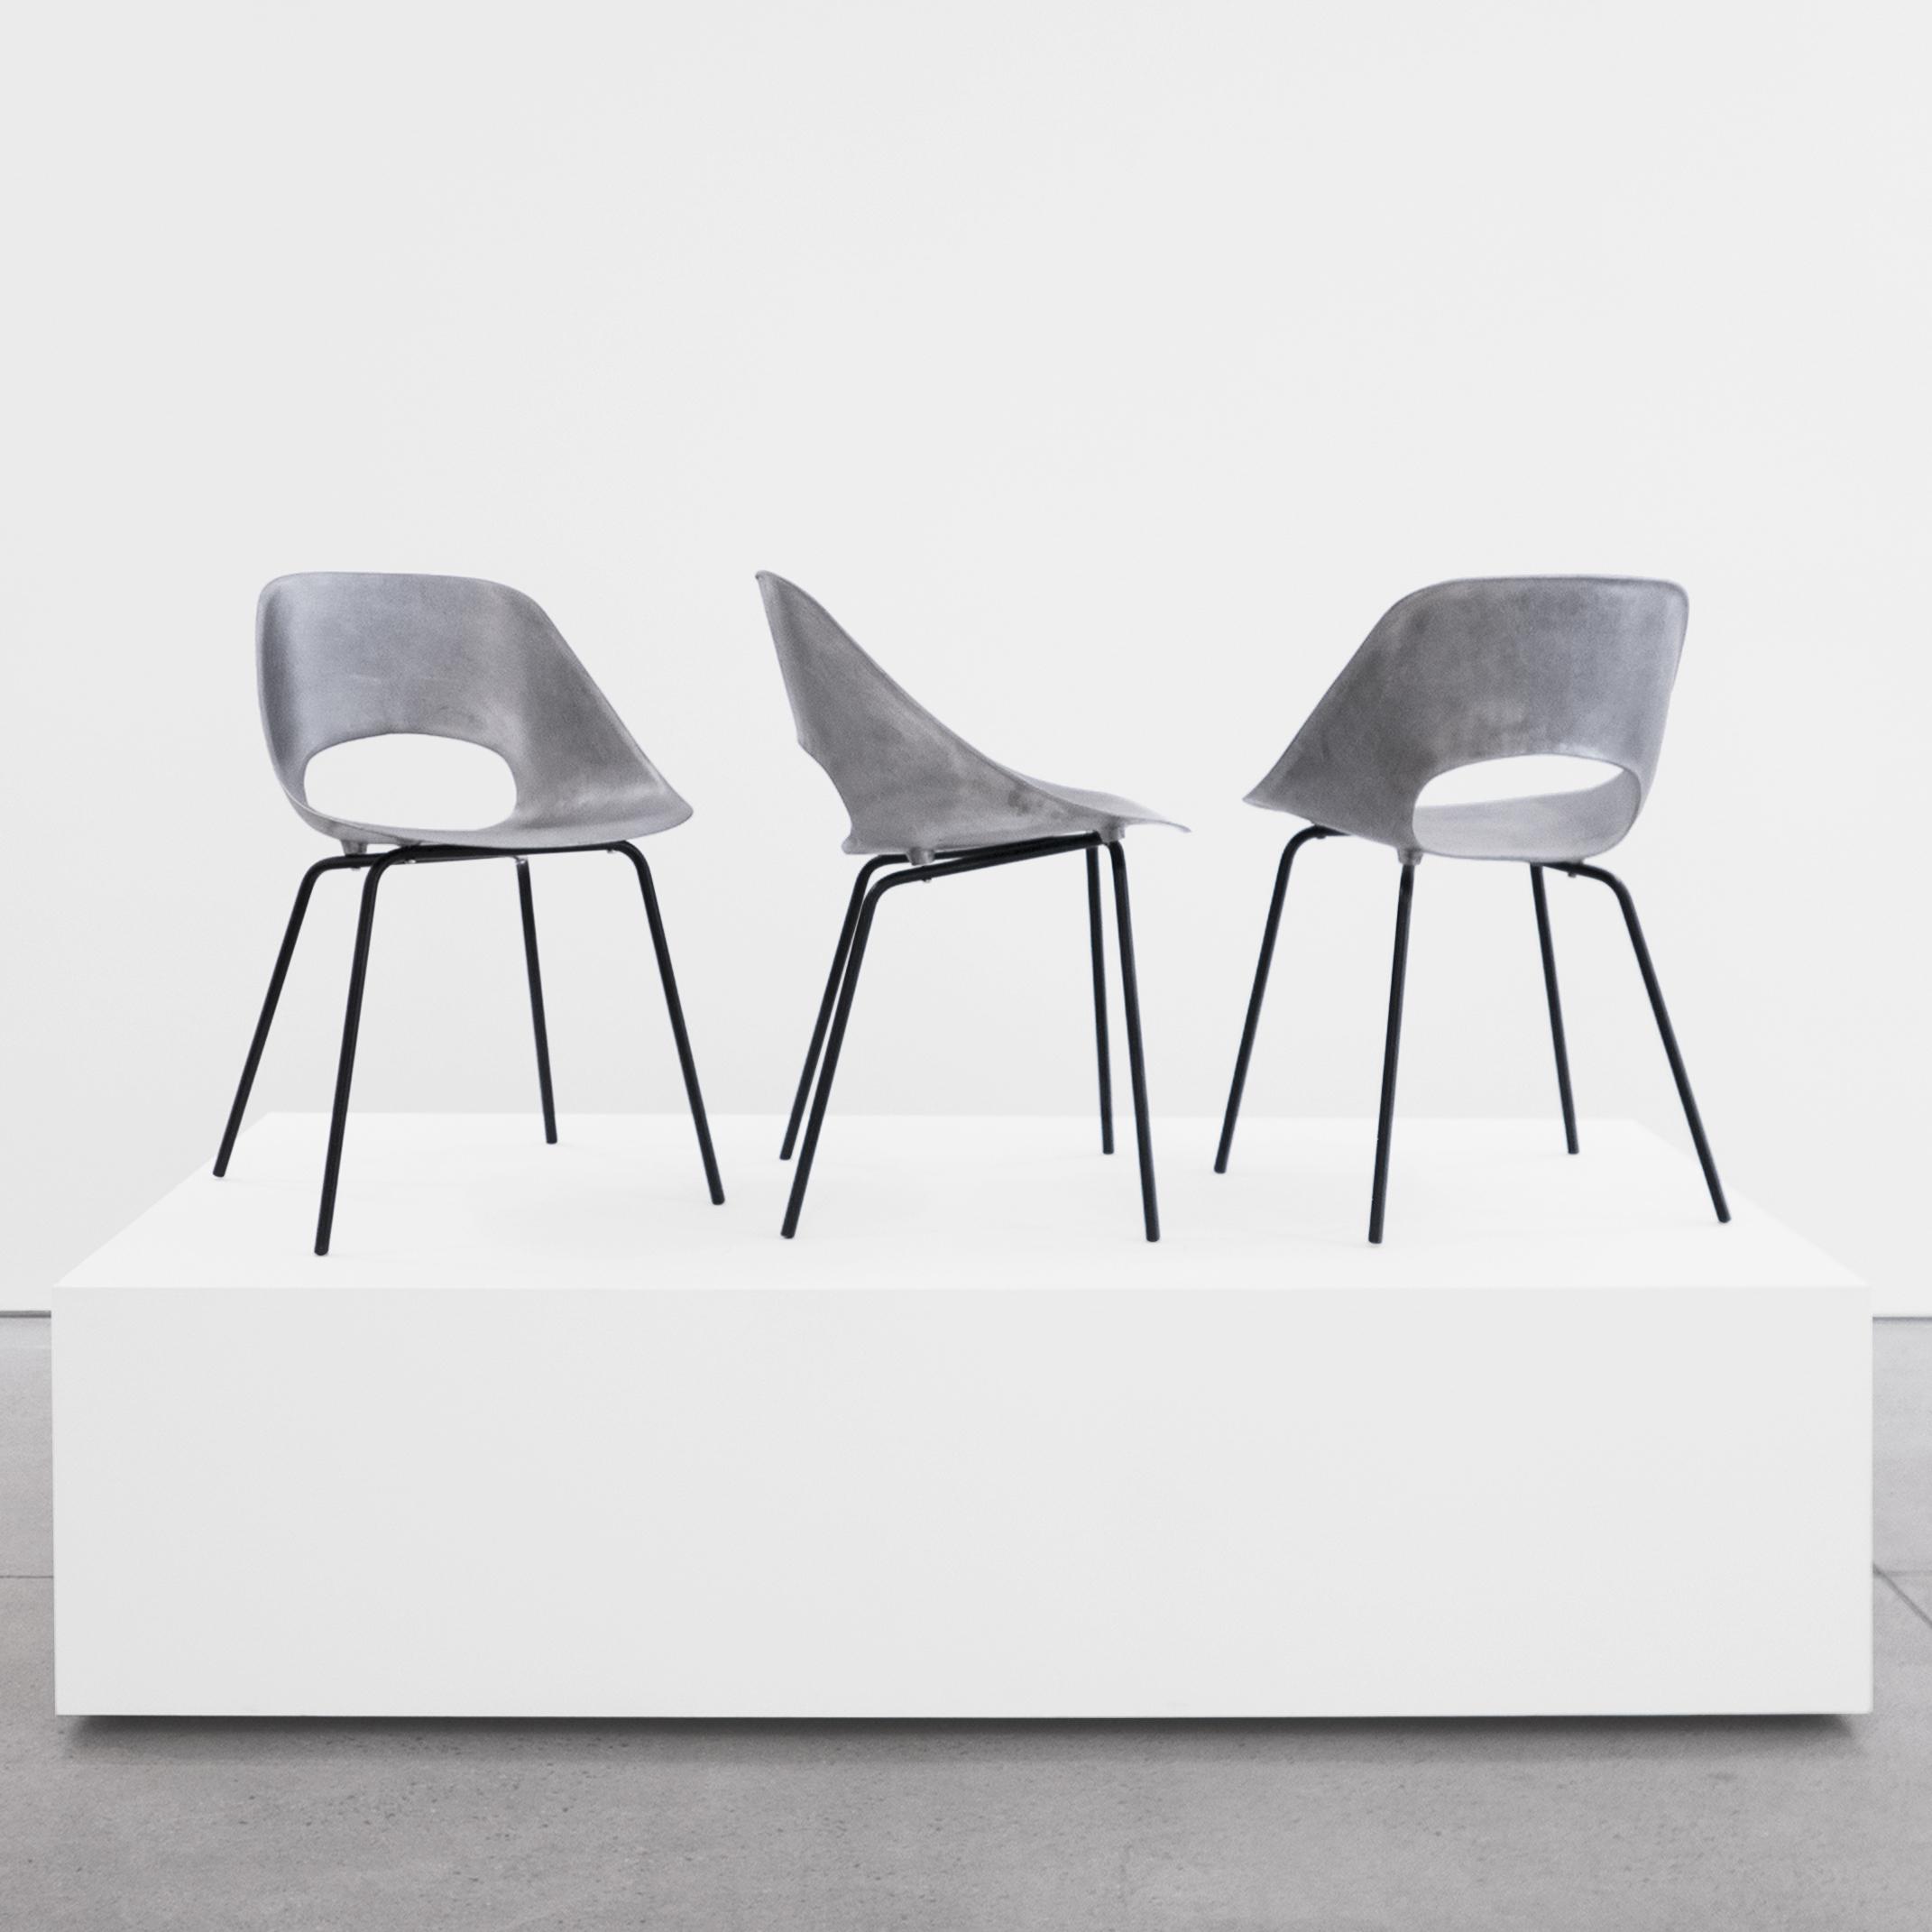 pierre guariche  set of three 'tonneau' cast aluminum chairs  c. 1950 - 1959 ...